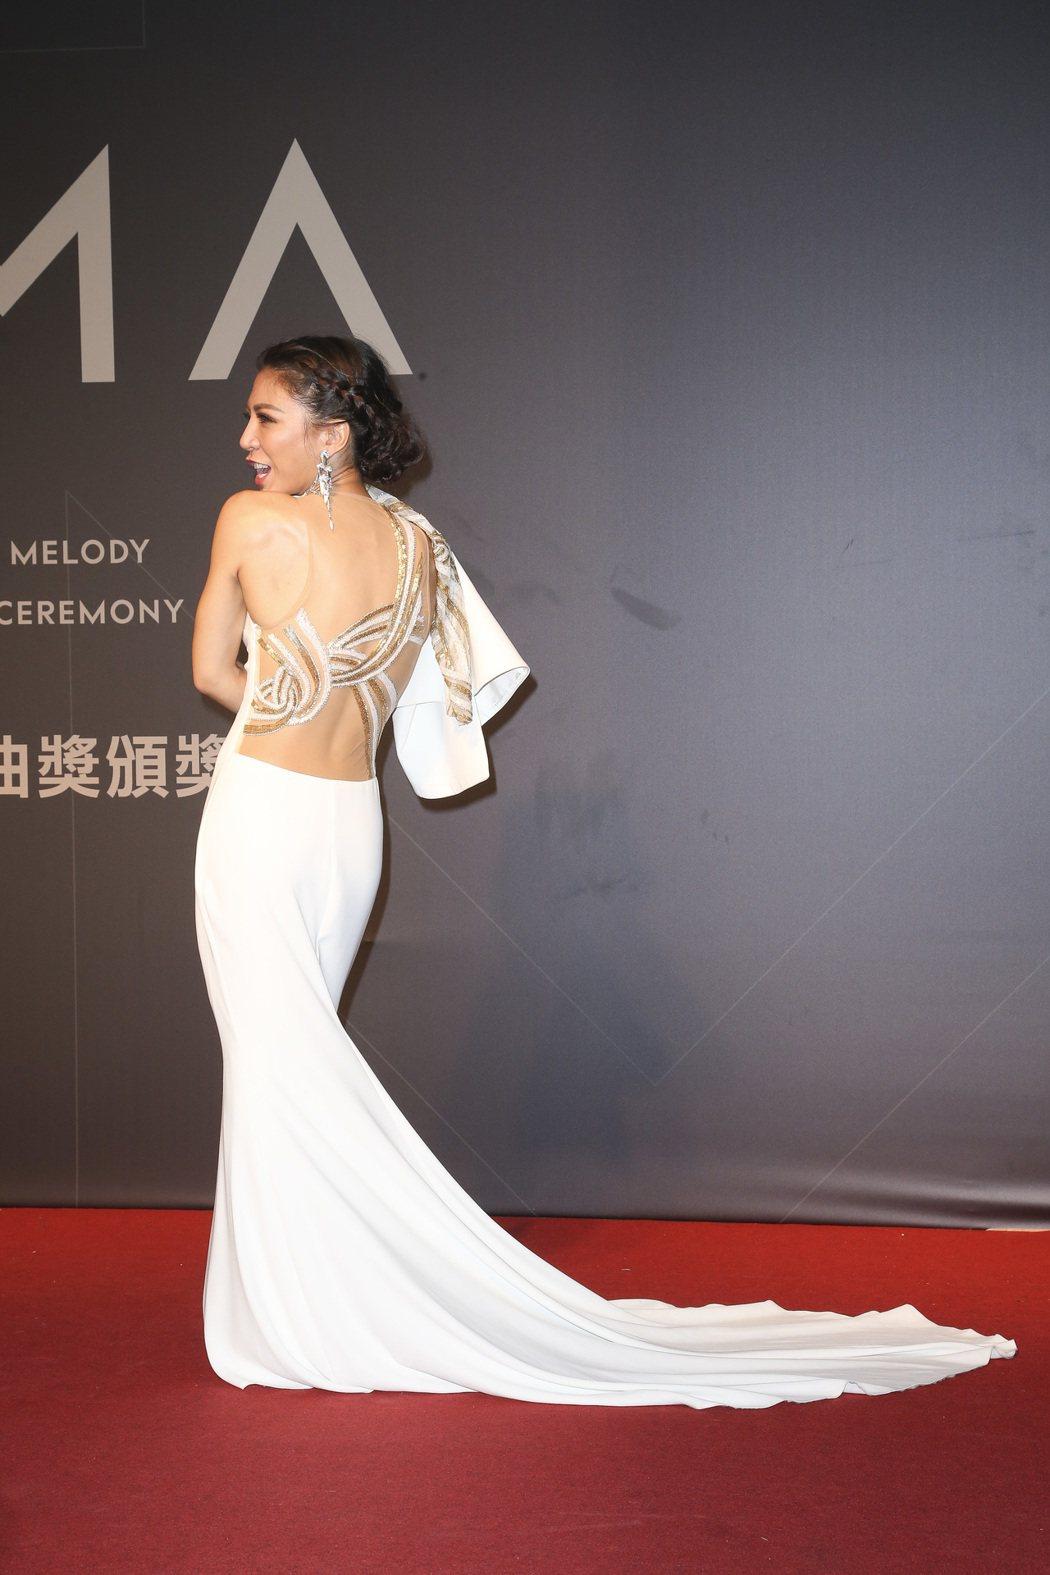 28屆金曲獎,艾怡良走星光大道。記者陳立凱/攝影 楊萬雲